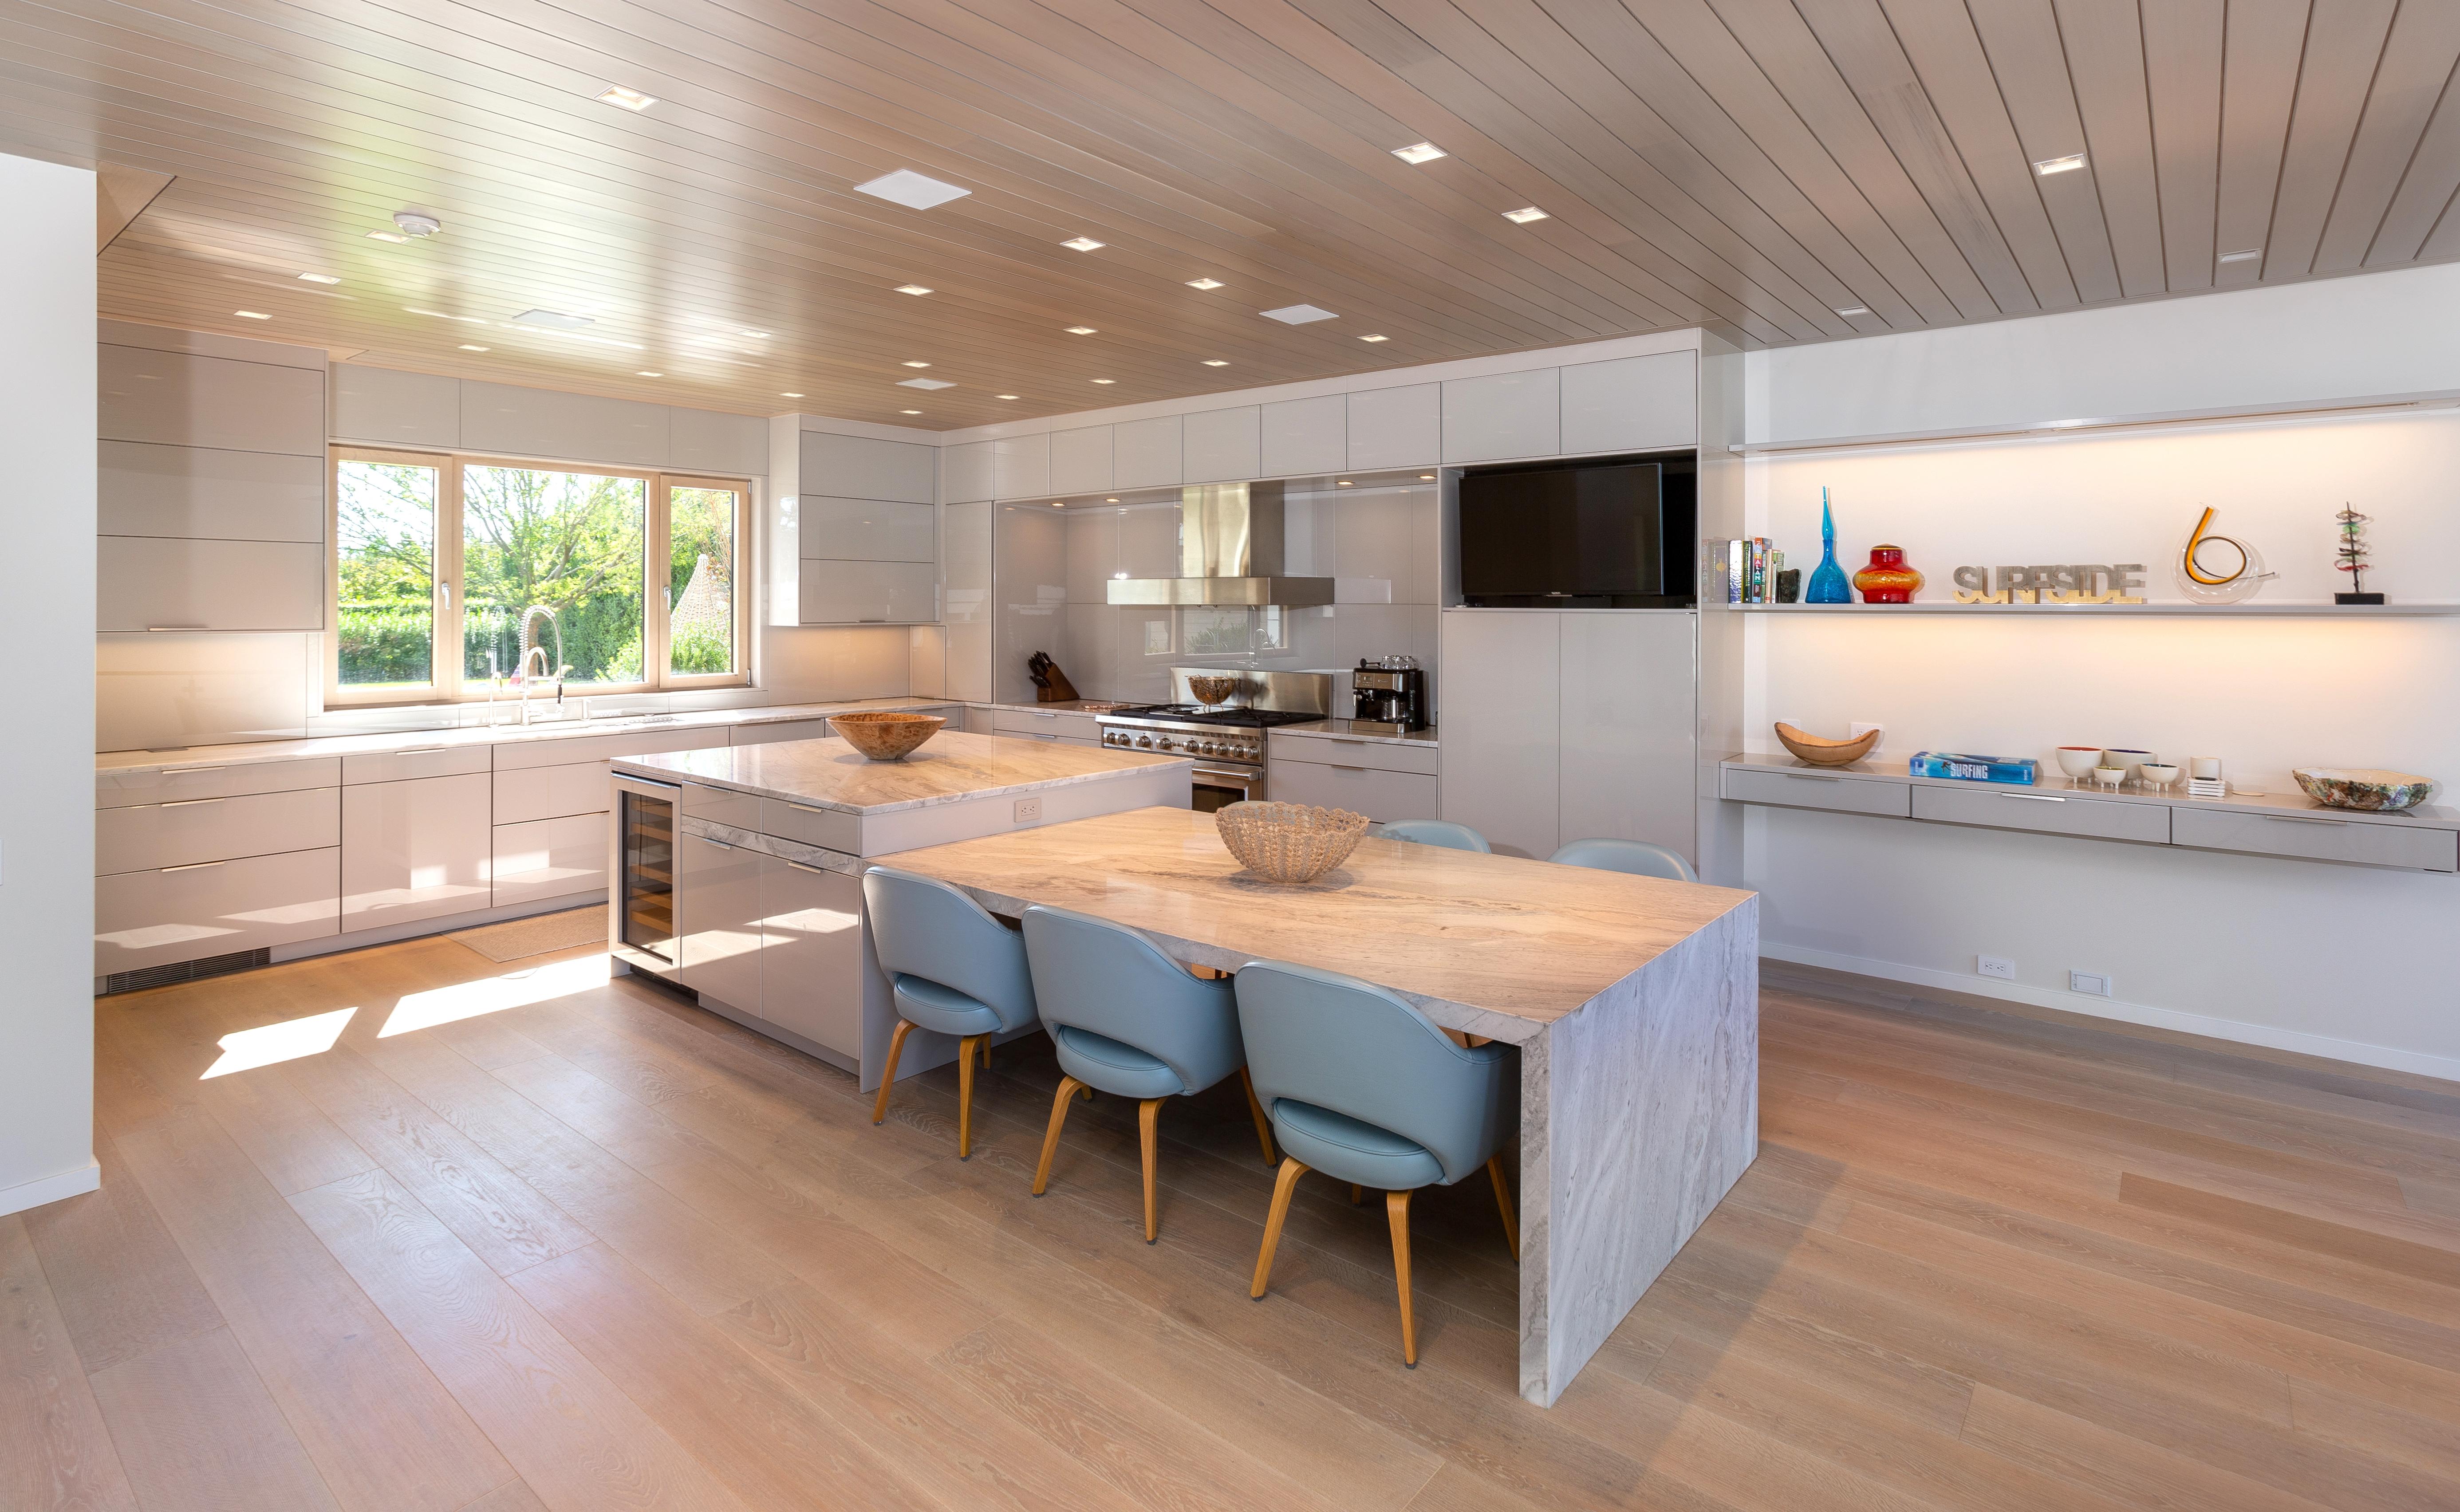 surfside_kitchen00015